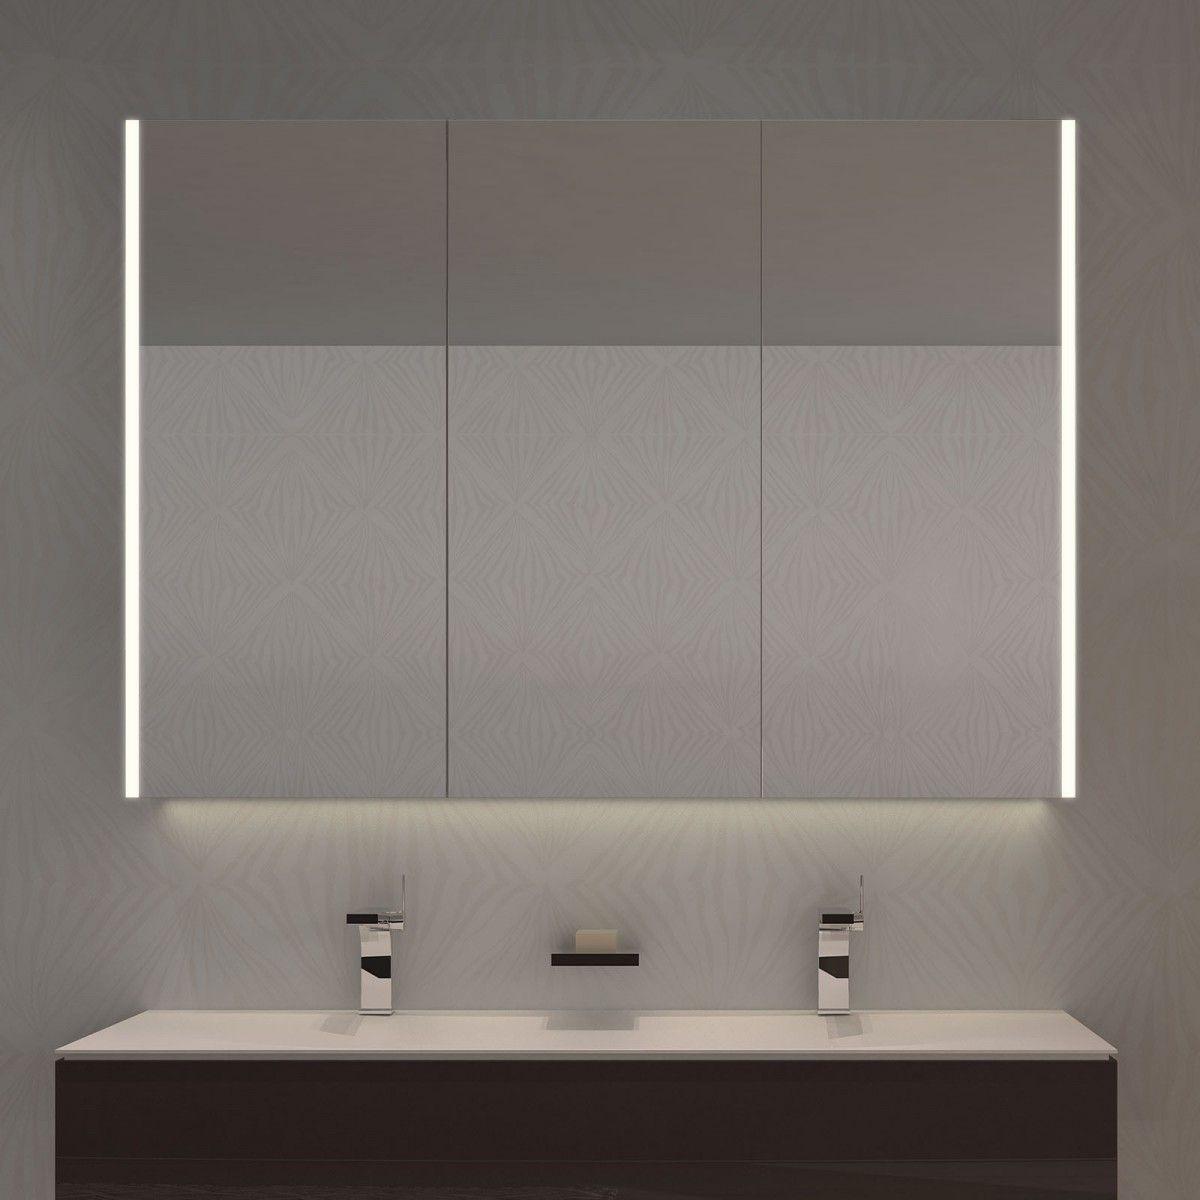 spiegelschrank nach ma mit led credo sides 989709178 bad pinterest spiegelschrank led. Black Bedroom Furniture Sets. Home Design Ideas